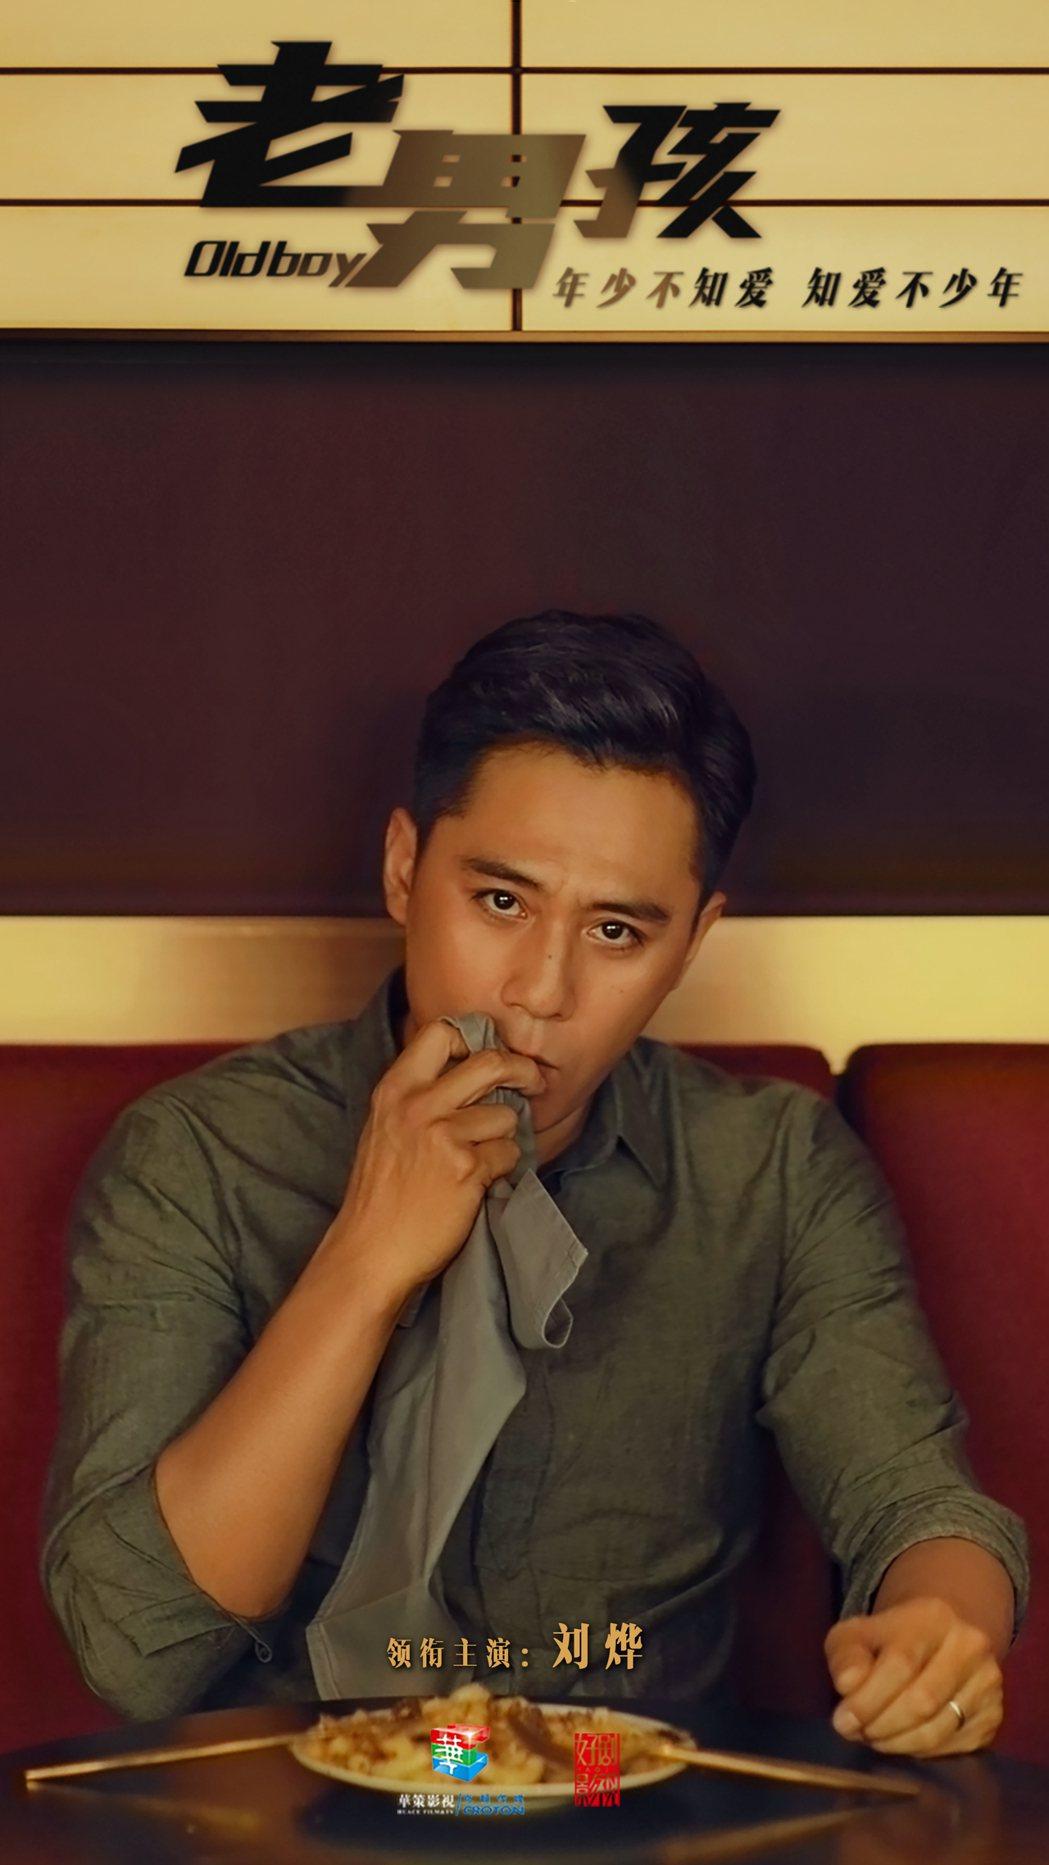 劉燁在「老男孩」中飾演肆意機長。圖/華策克頓旗下好劇影視提供